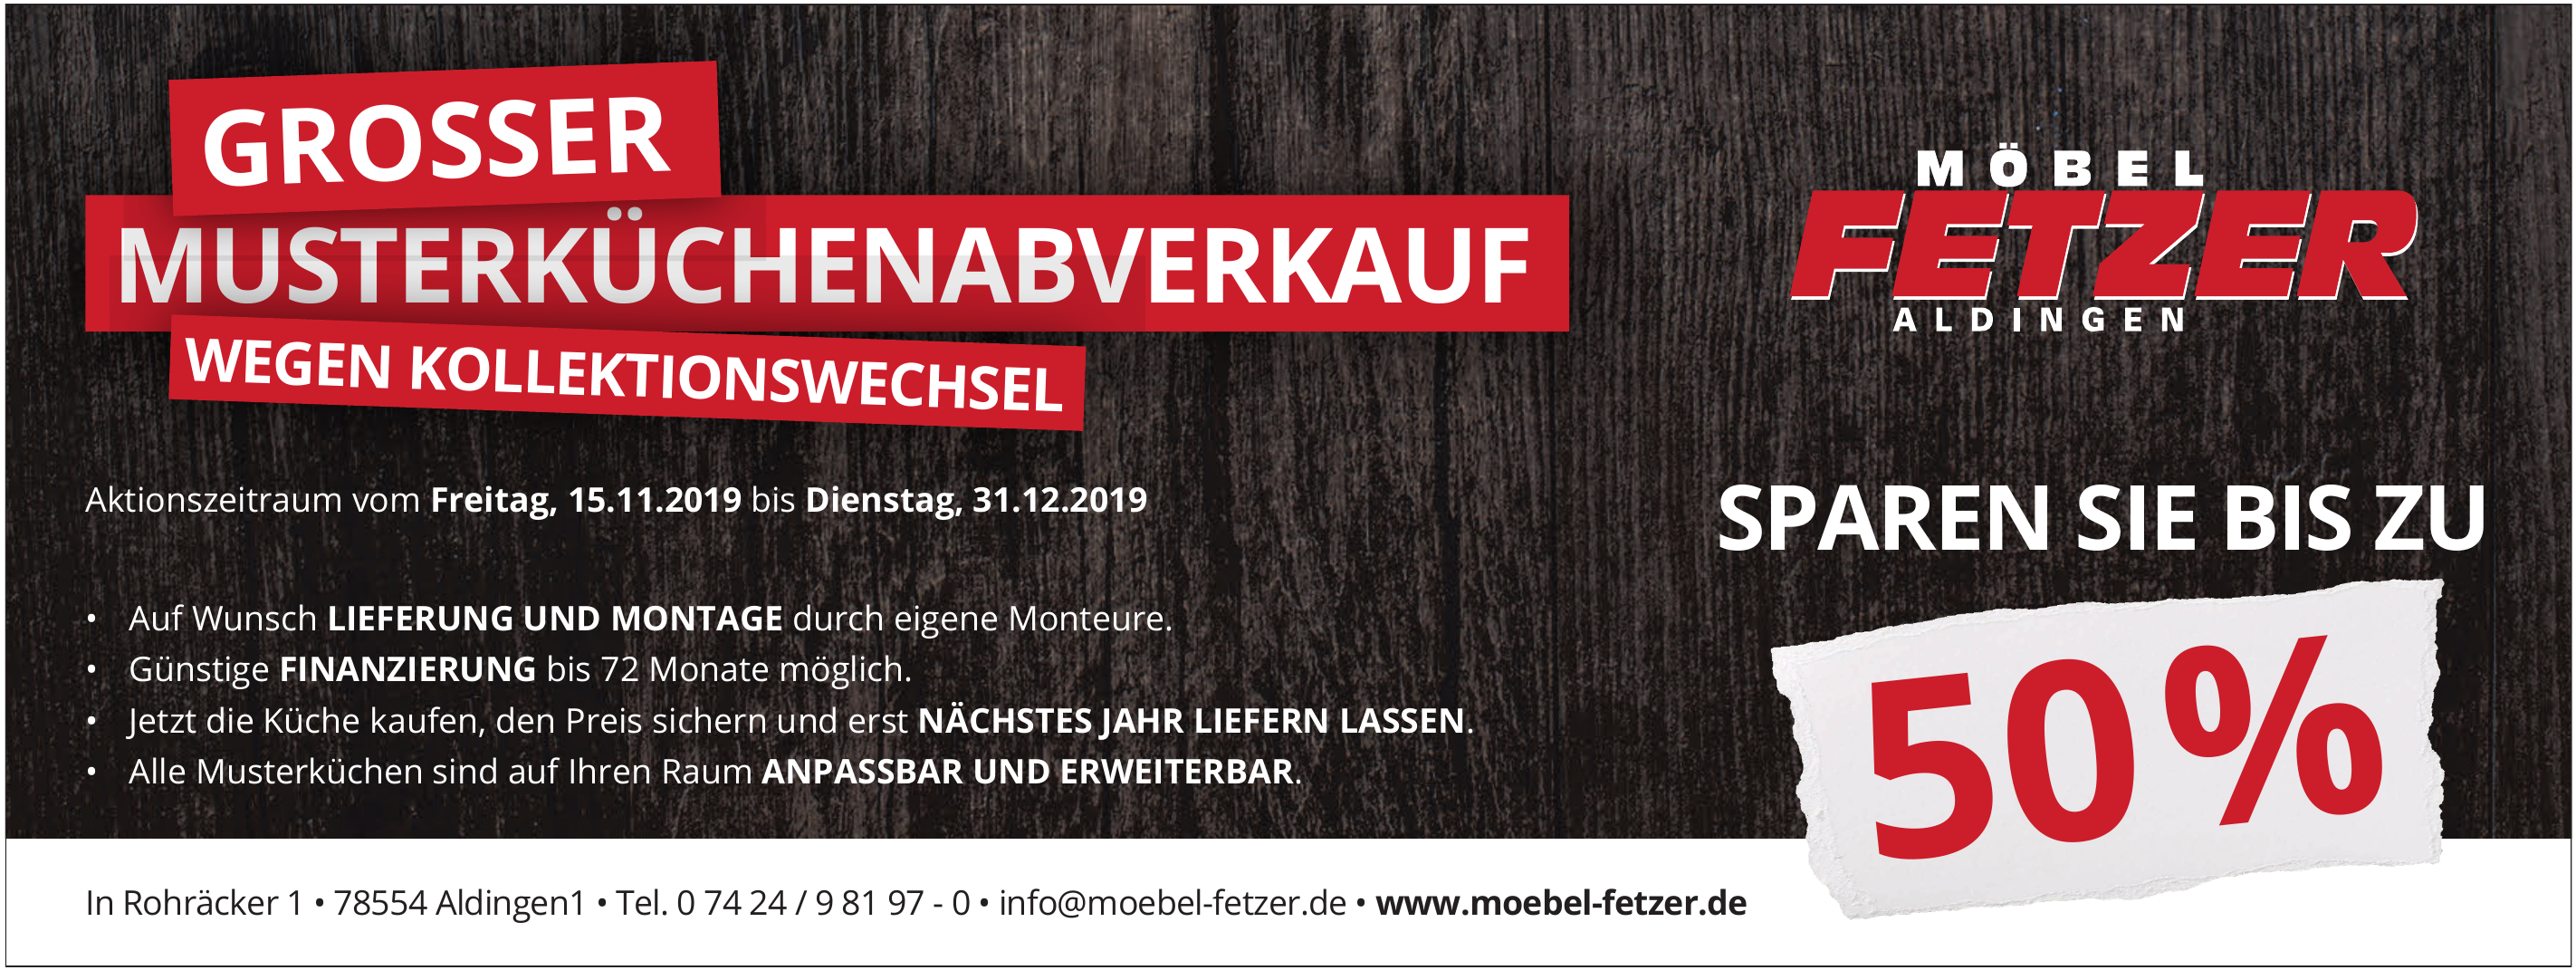 Möbel Fetzer GmbH